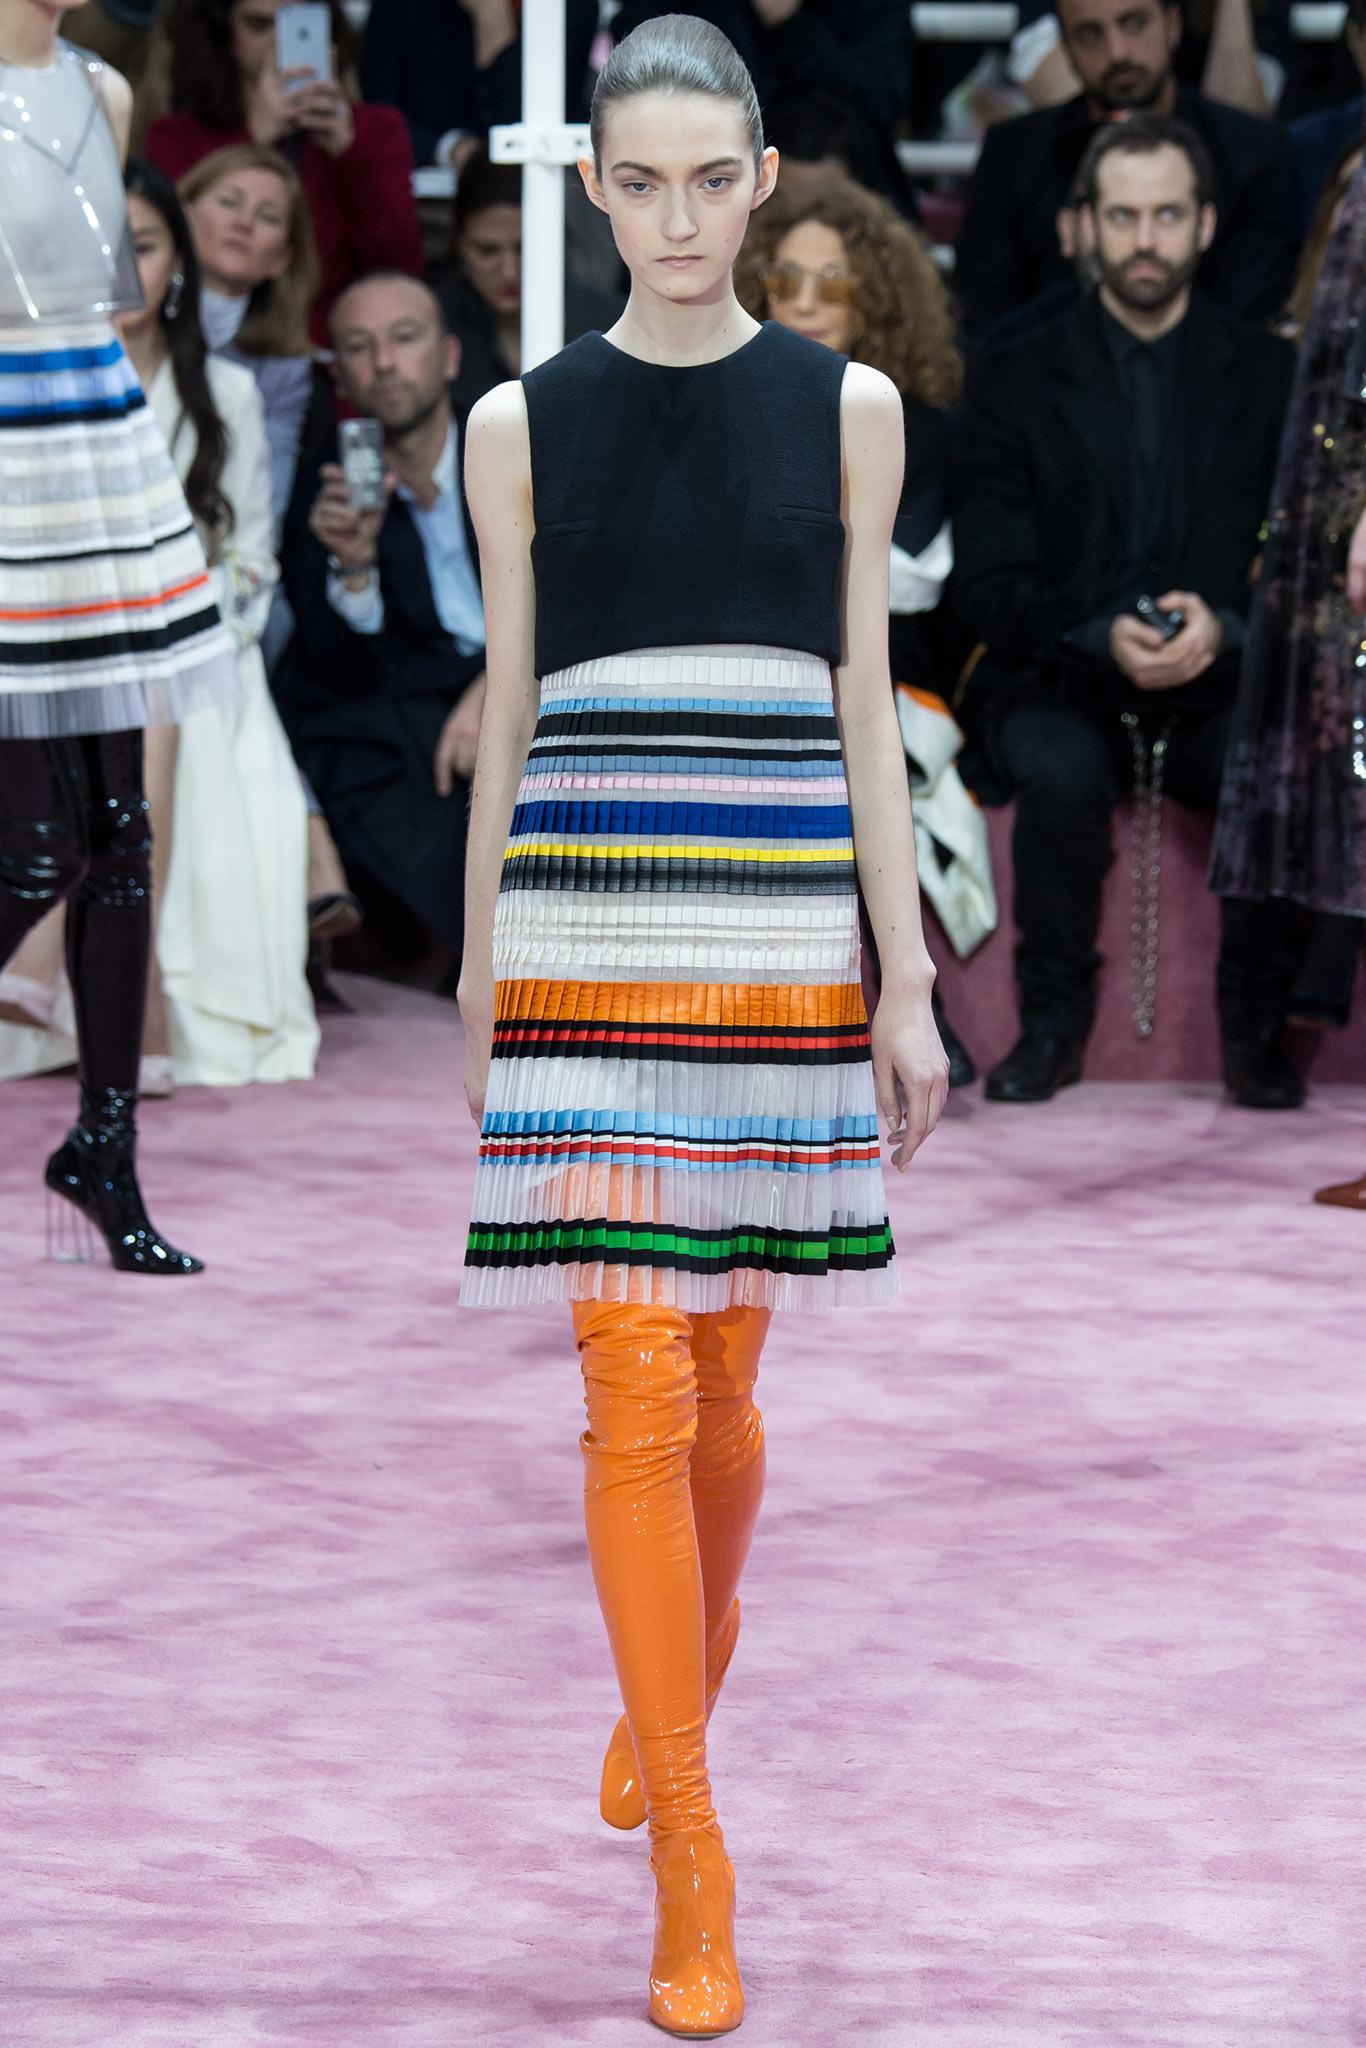 Christian Dior Haute Couture 2015 Самые носибельные образы с Недели моды haute couture в Париже